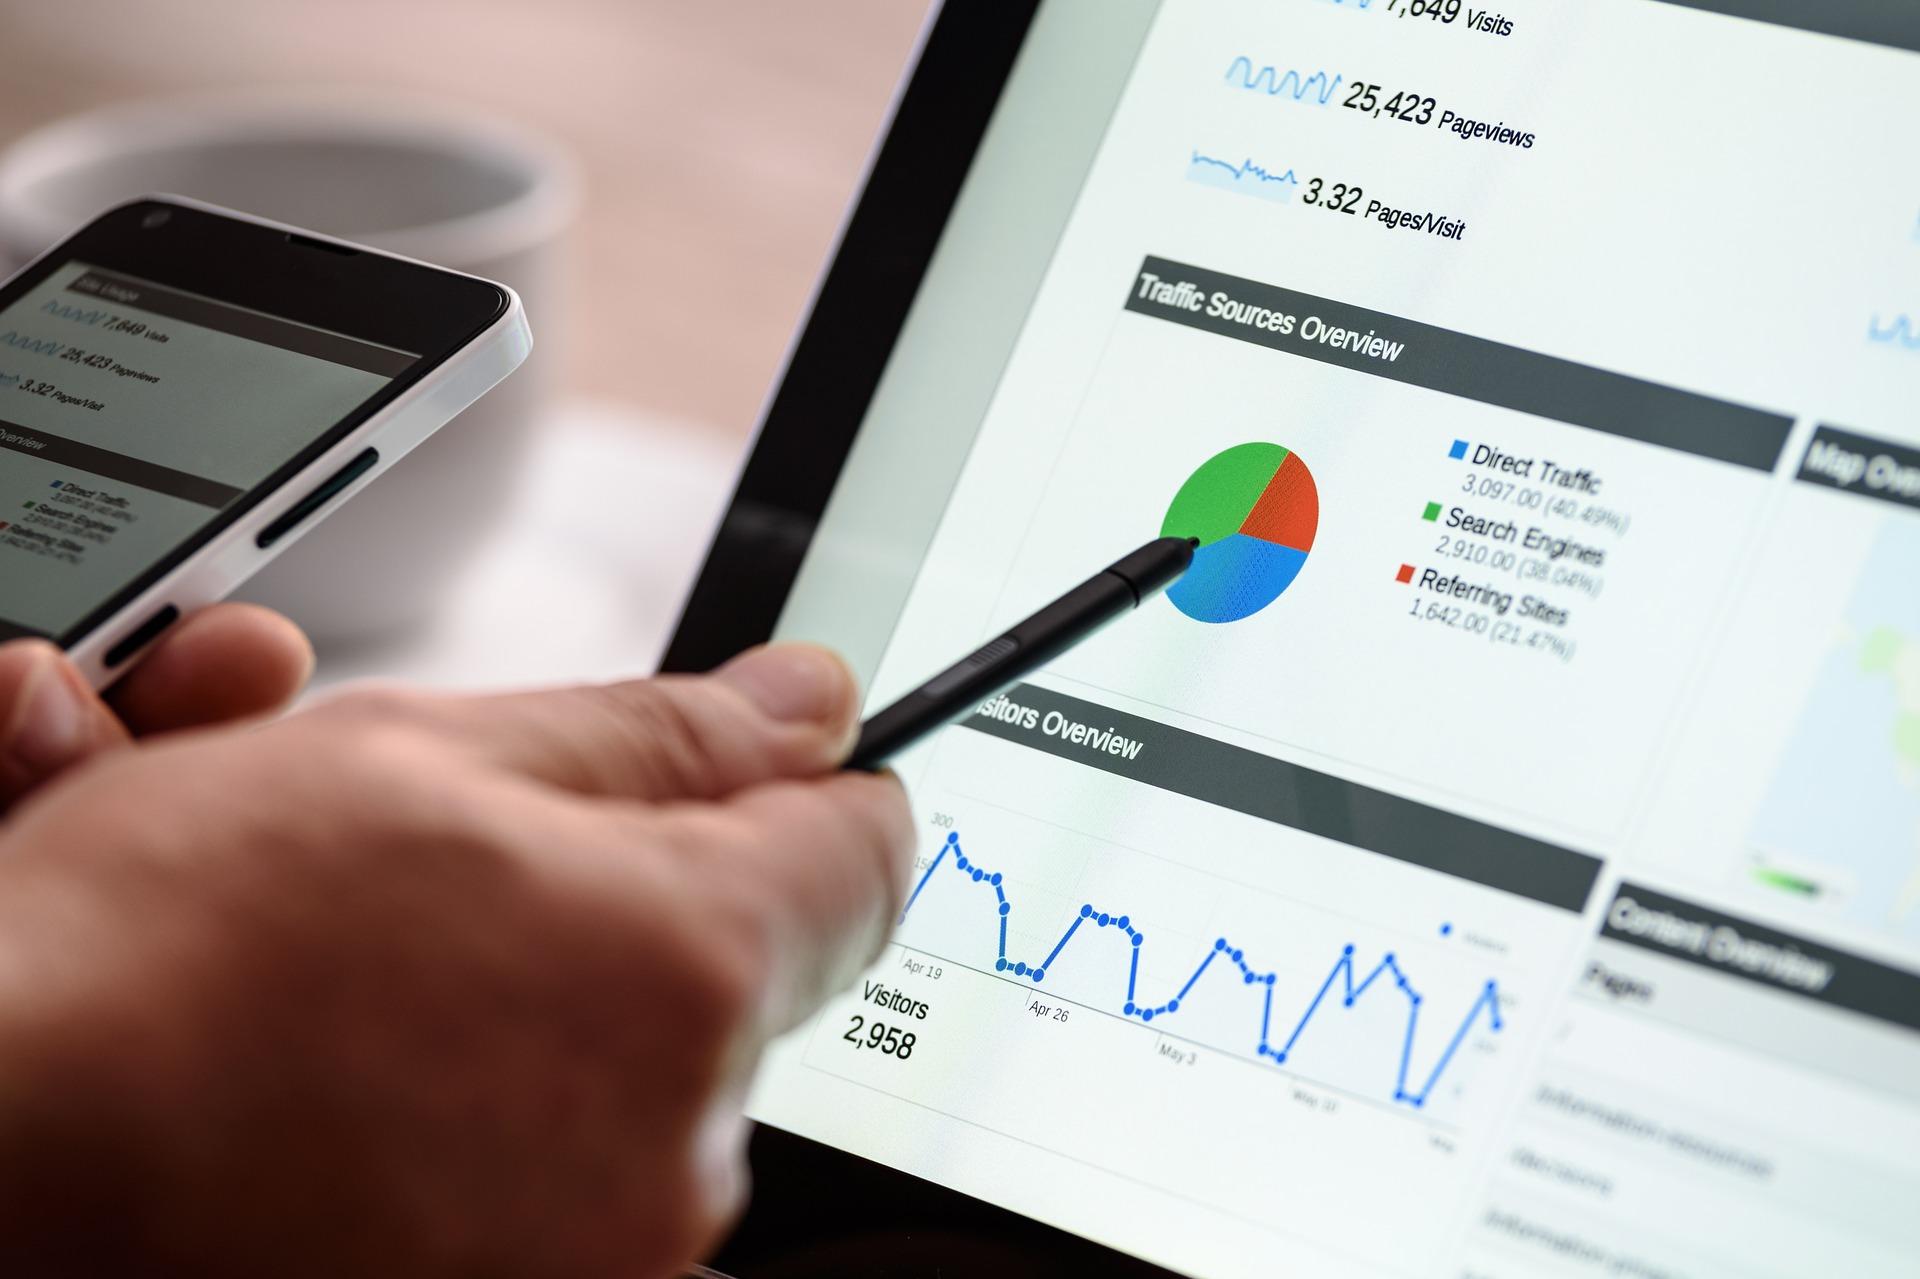 Pourquoi les données entre Analytics et Google Ads ne sont-elles pas identiques ?